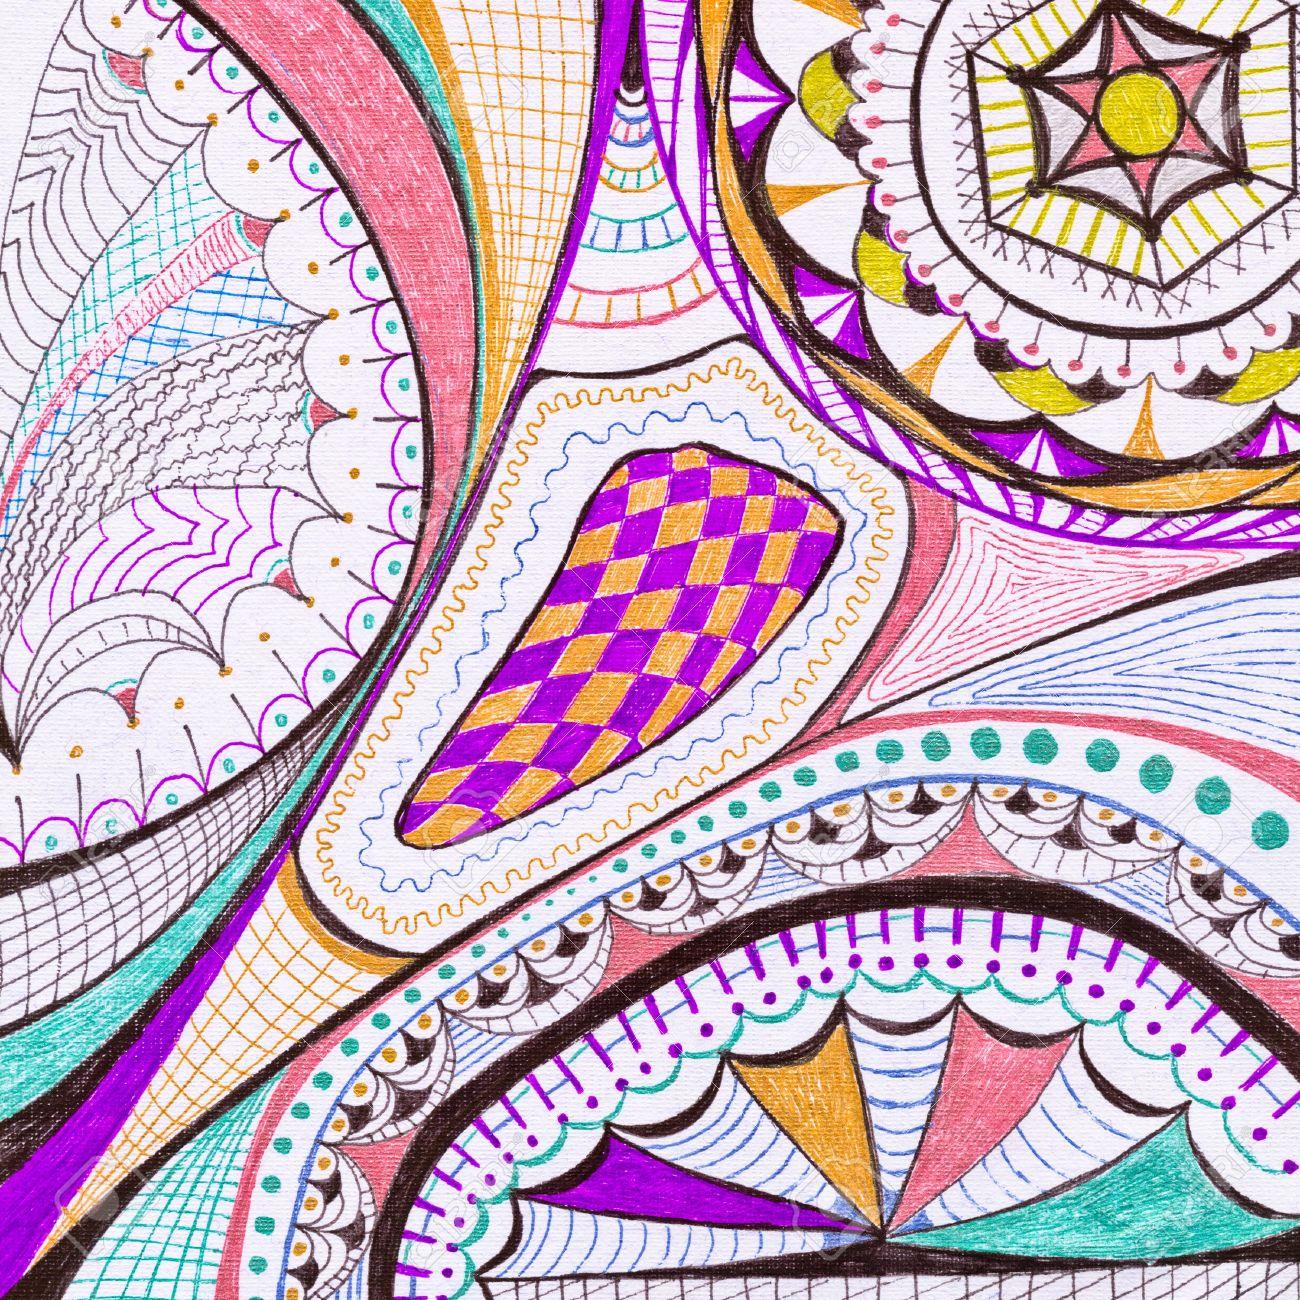 Abstracto Dibujo A Lápiz Sobre Papel De Color Fotos Retratos